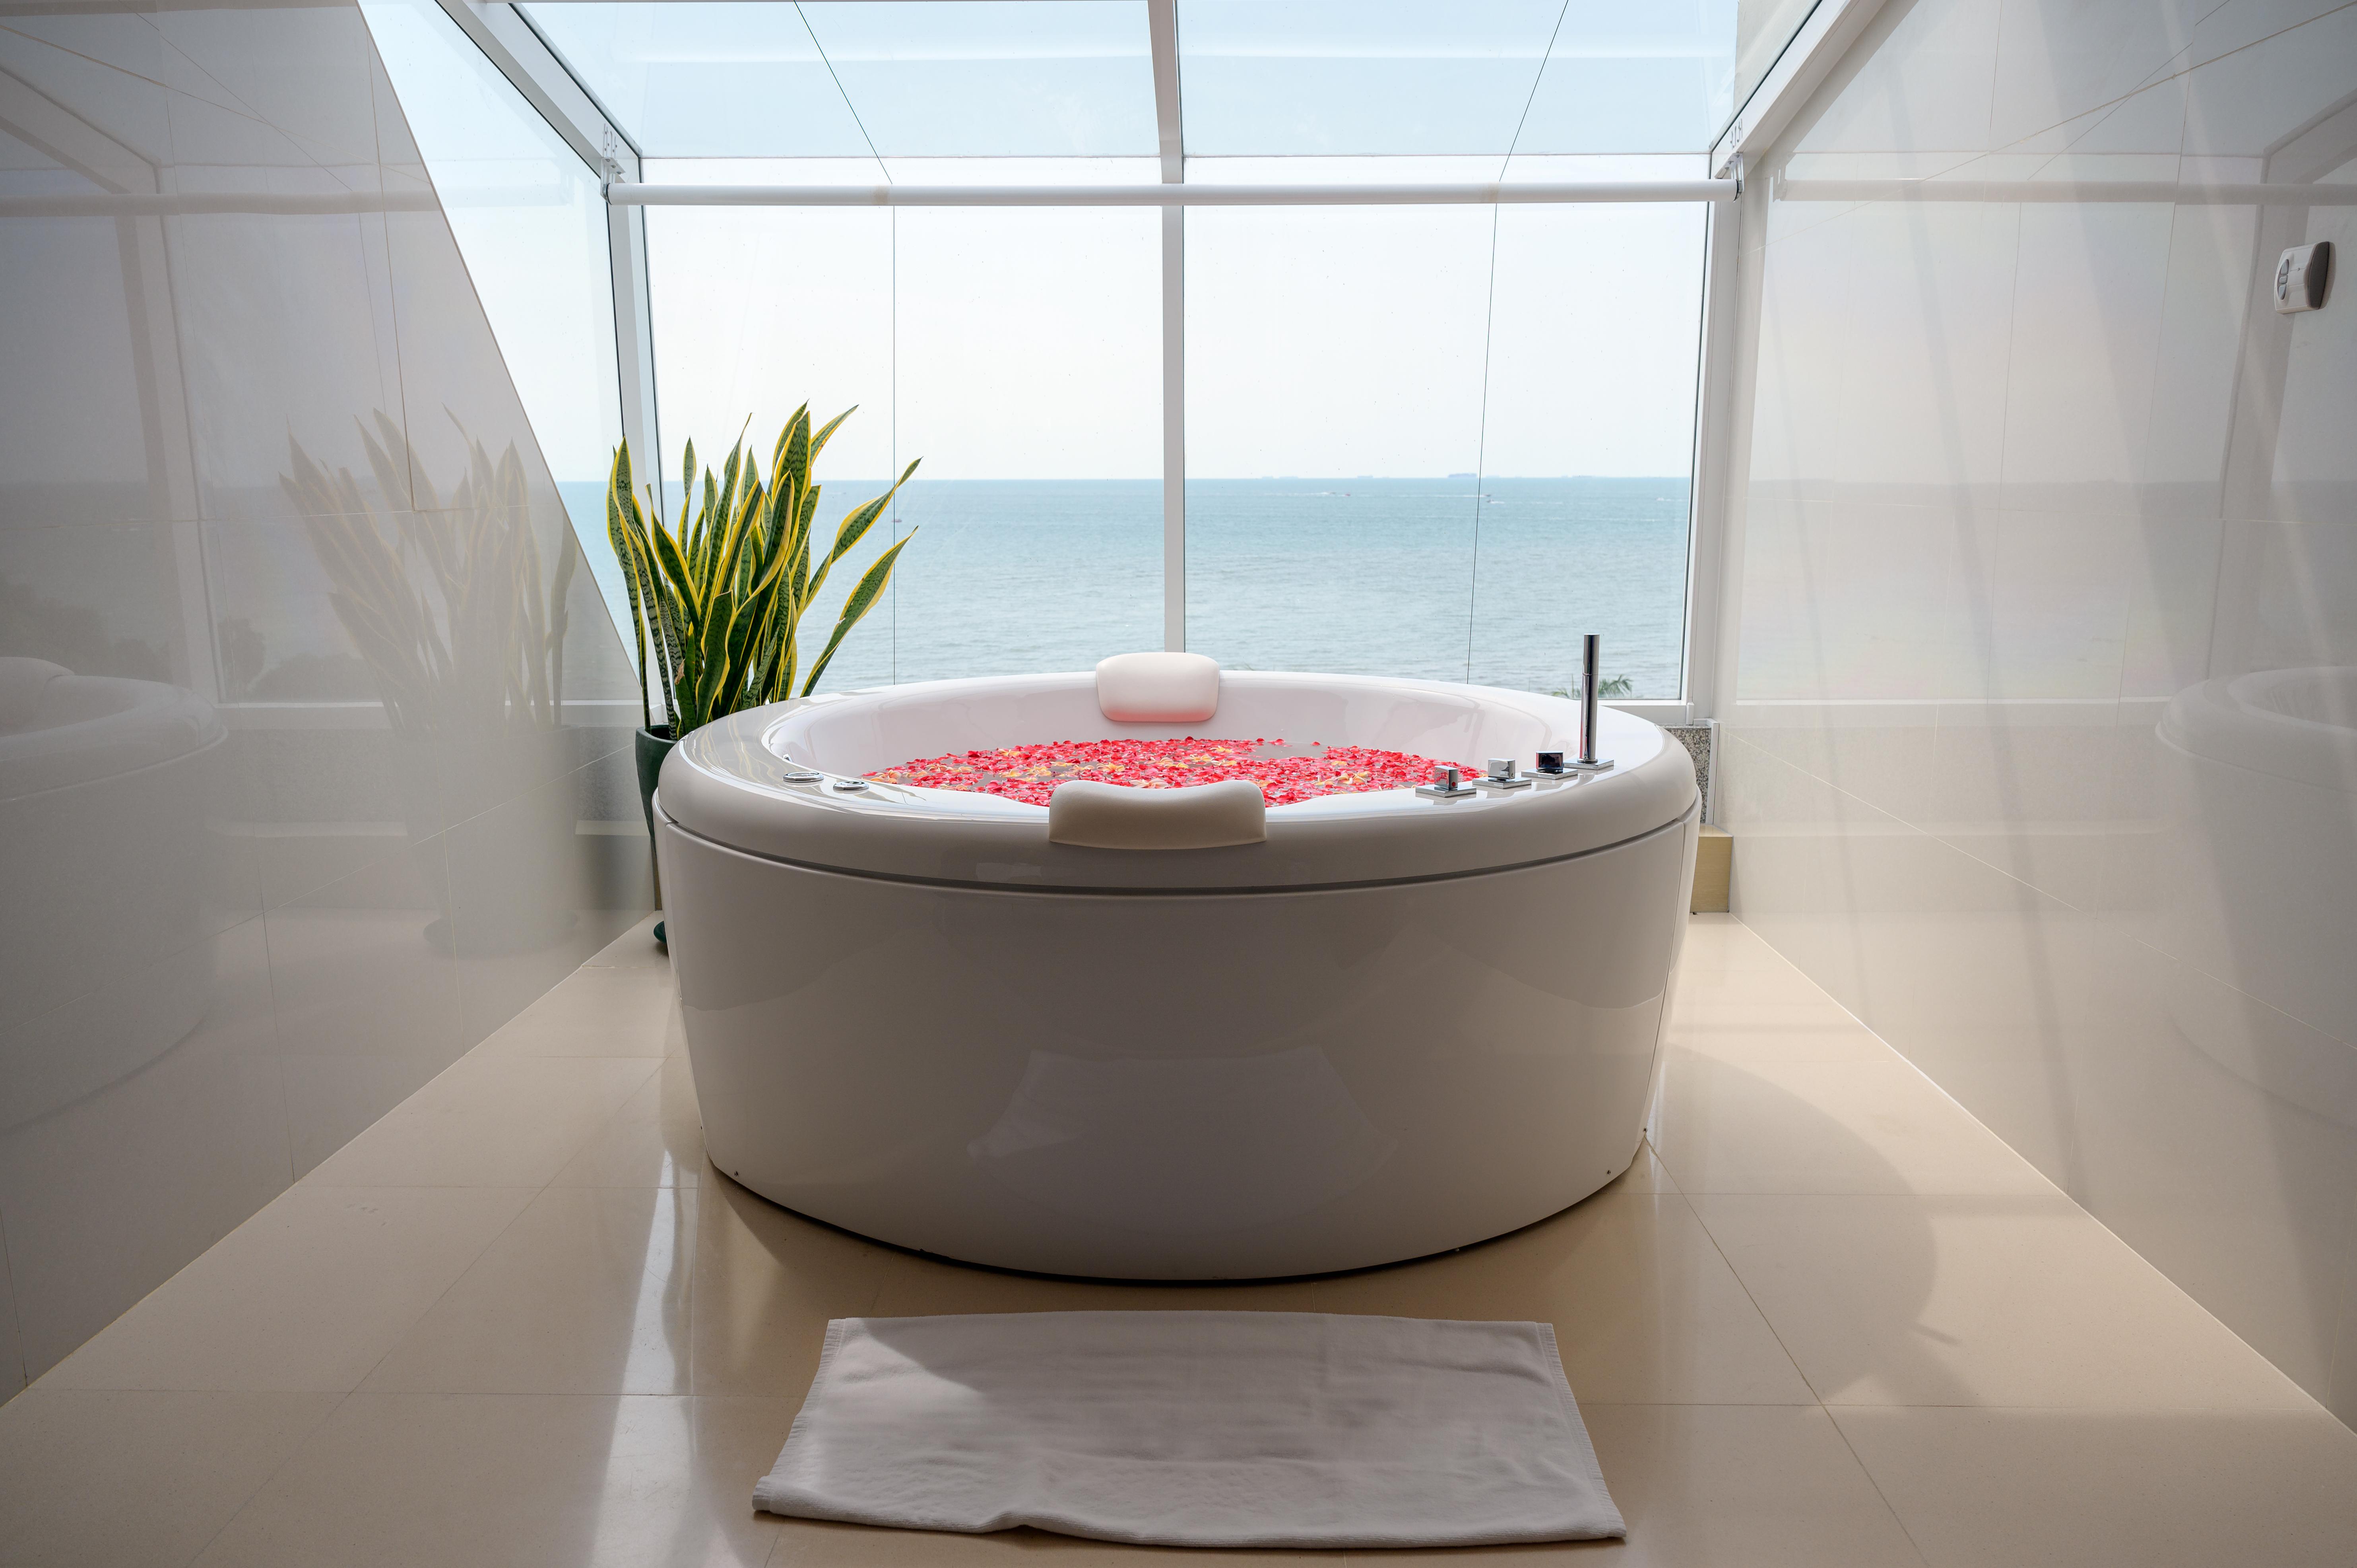 Installer Spa Gonflable Exterieur installer un spa dans sa maison • je fais construire